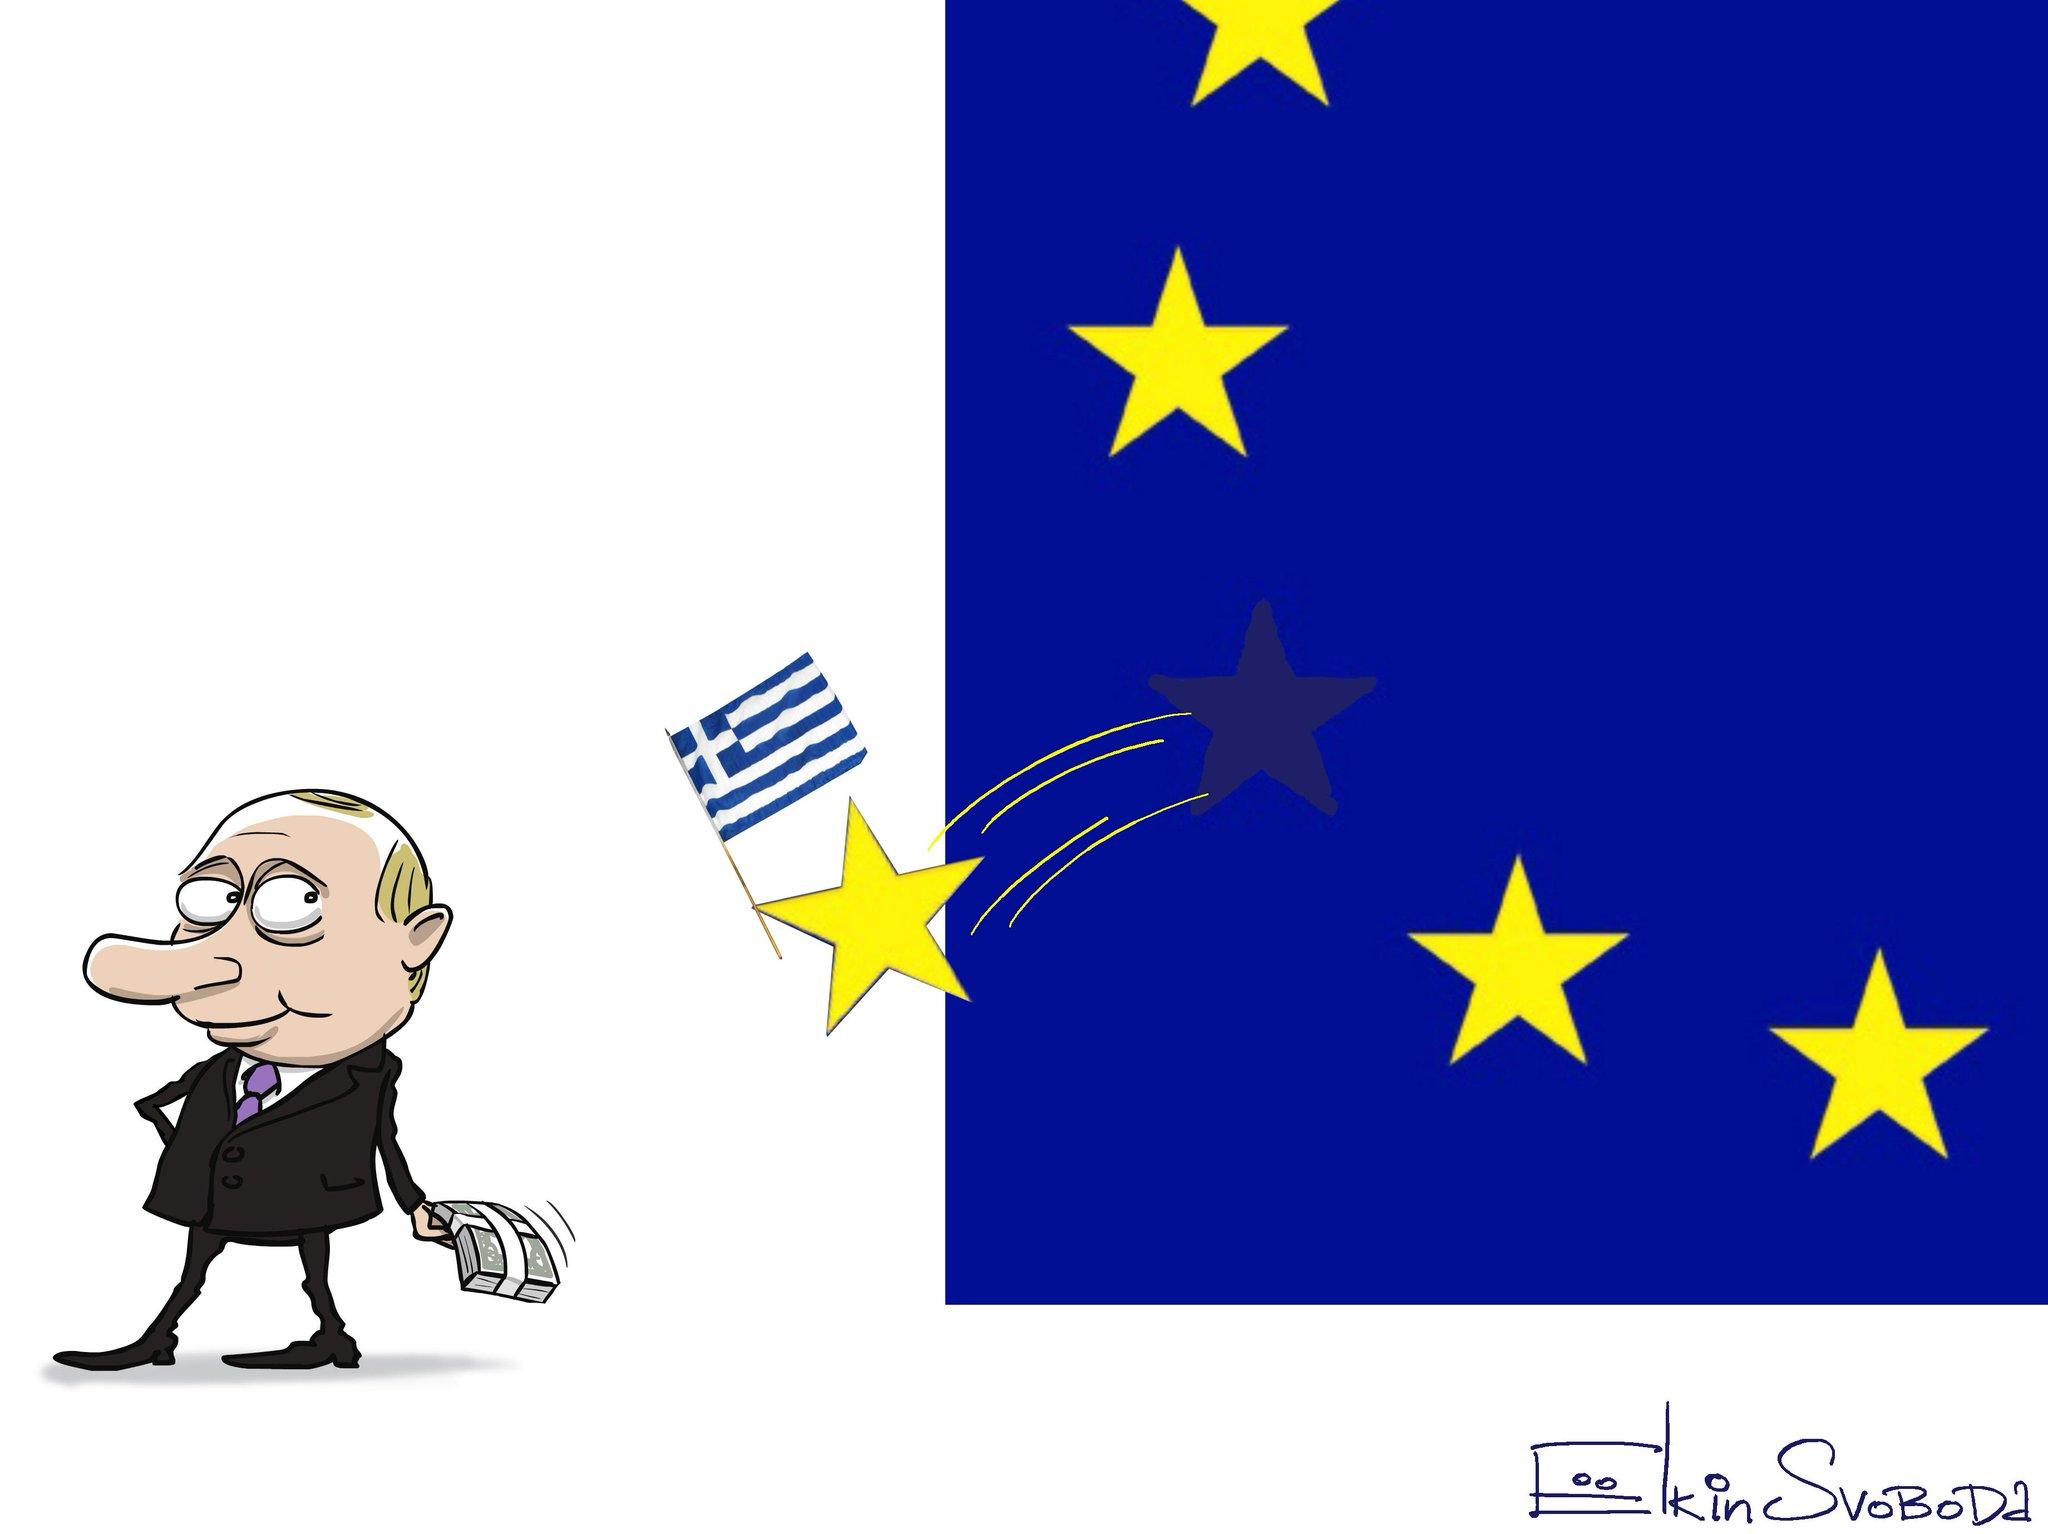 """""""Я разочарован, что некоторые страны ЕС ставят экономическую выгоду выше человеческих жизней"""", - Абромавичус - Цензор.НЕТ 706"""